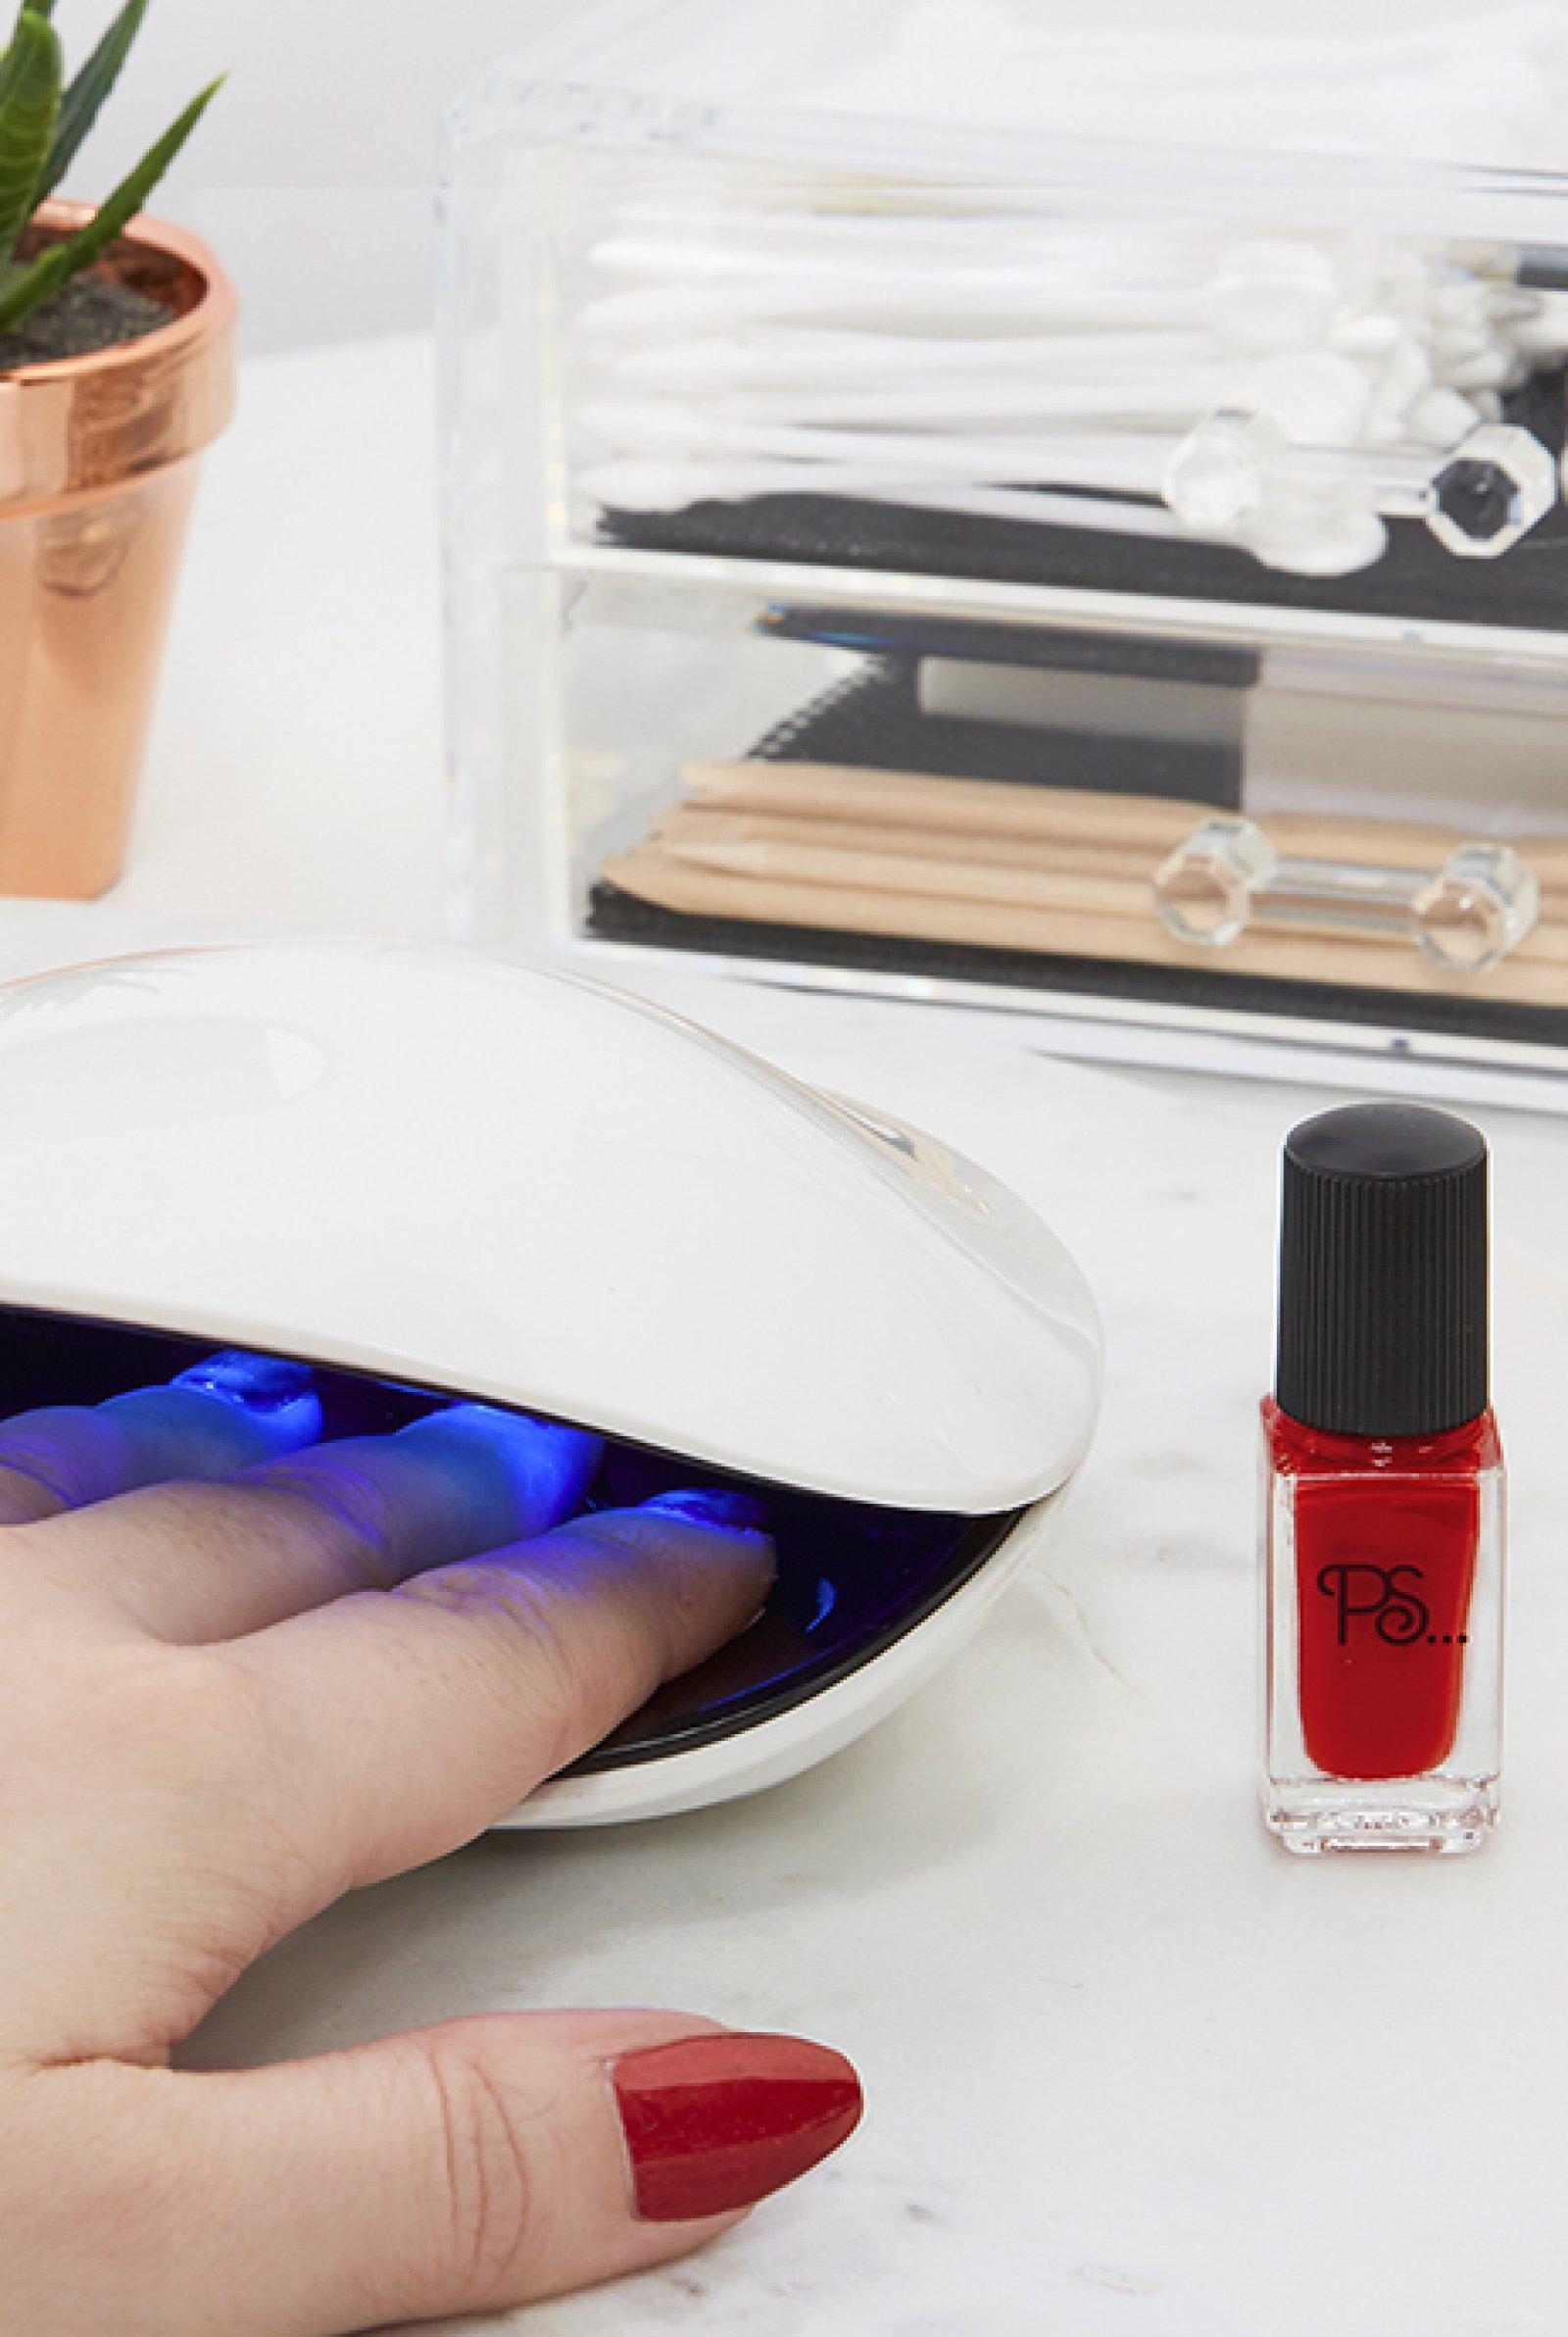 La lámpara de rayos UVA de Primark para un secado rápido del esmalte de uñas